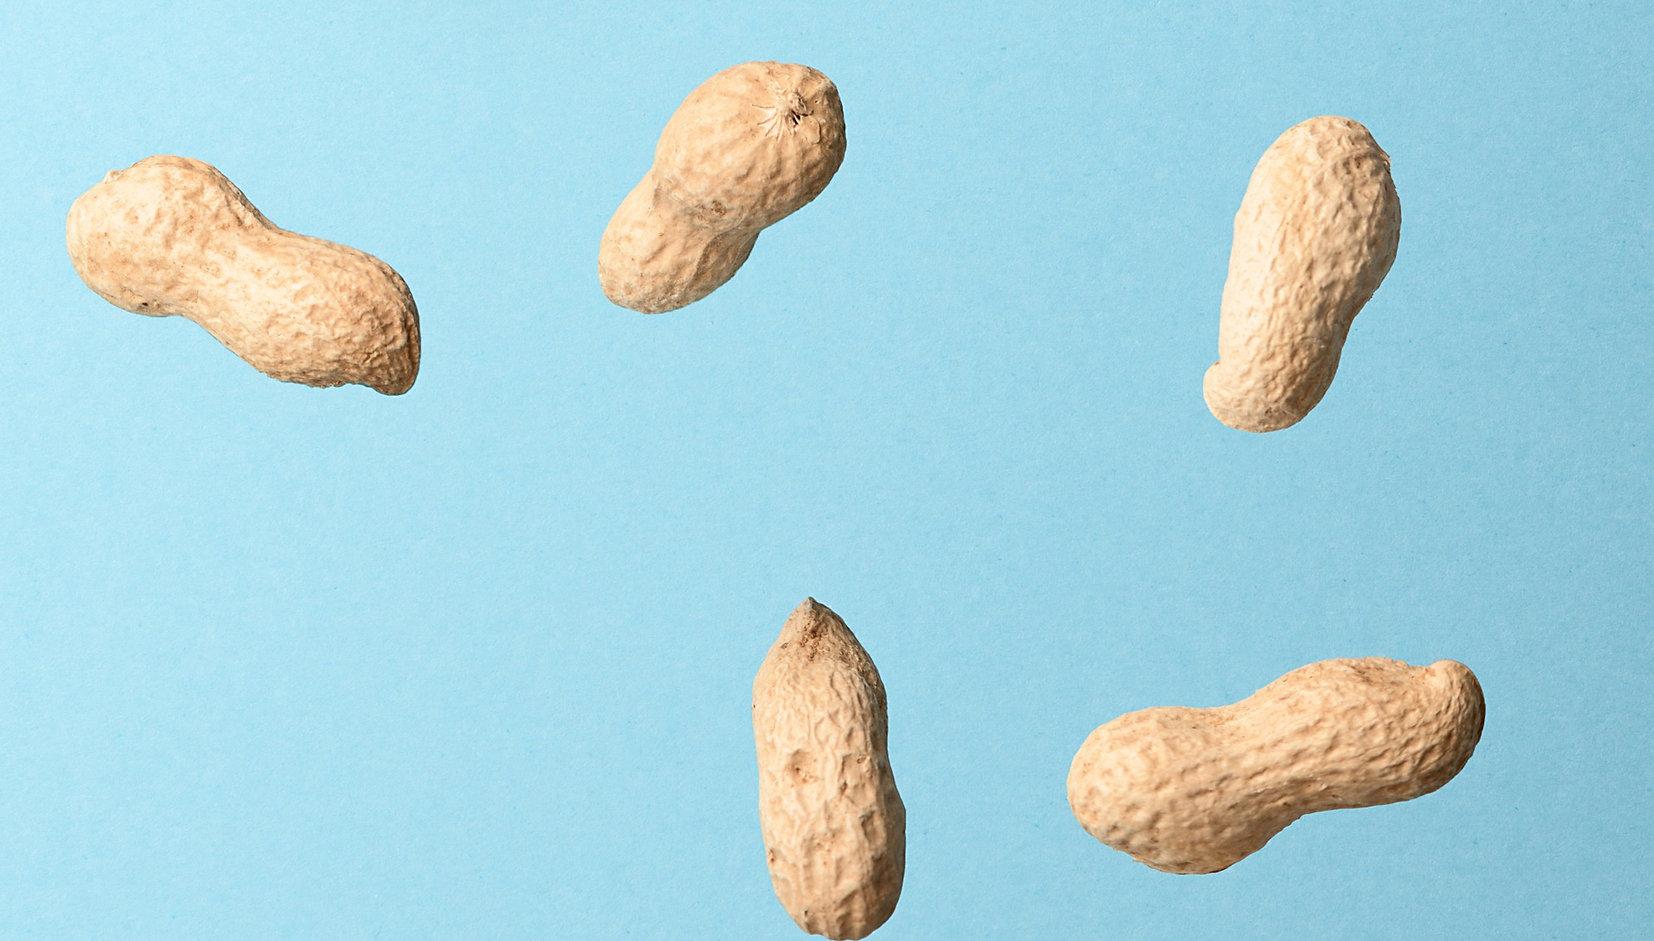 peanut-background-banner